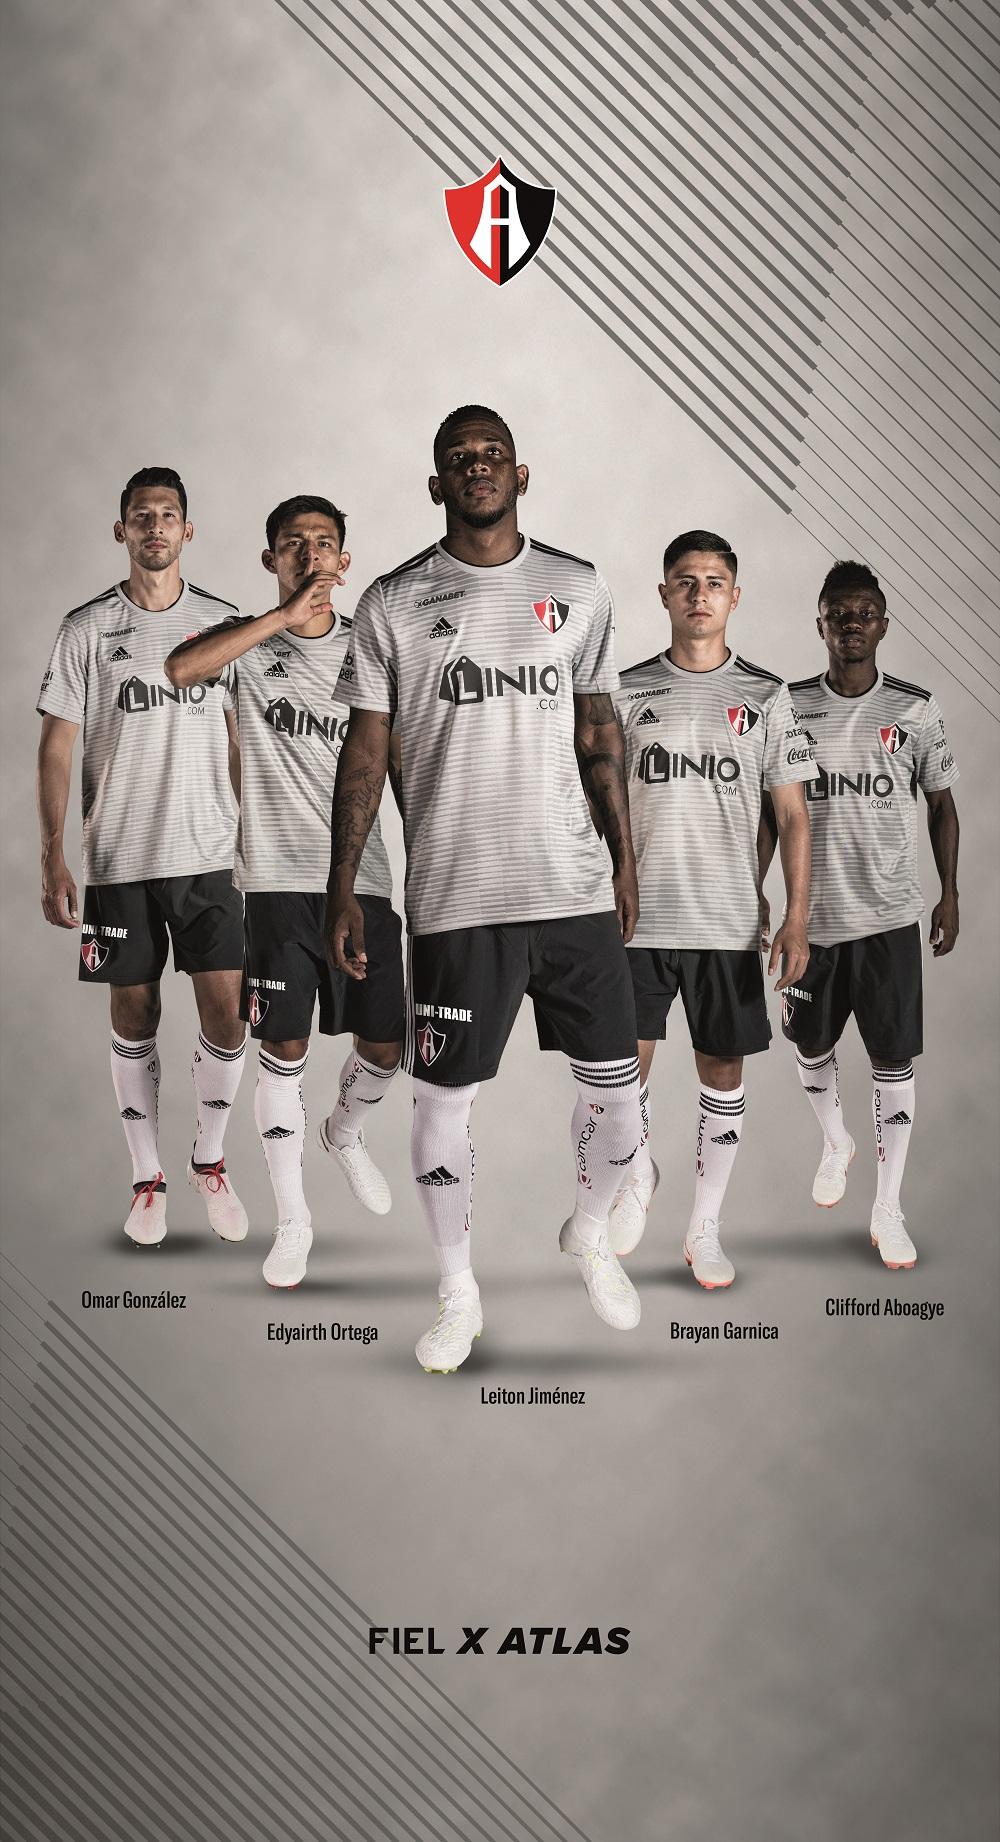 Atlas FC y adidas presentan el nuevo uniforme de La Academia del Fútbol Mexicano para la temporada 2018-2019.  La nuevos kits de los Rojinegros estarán disponibles para el primer compromiso del Apertura 2018.